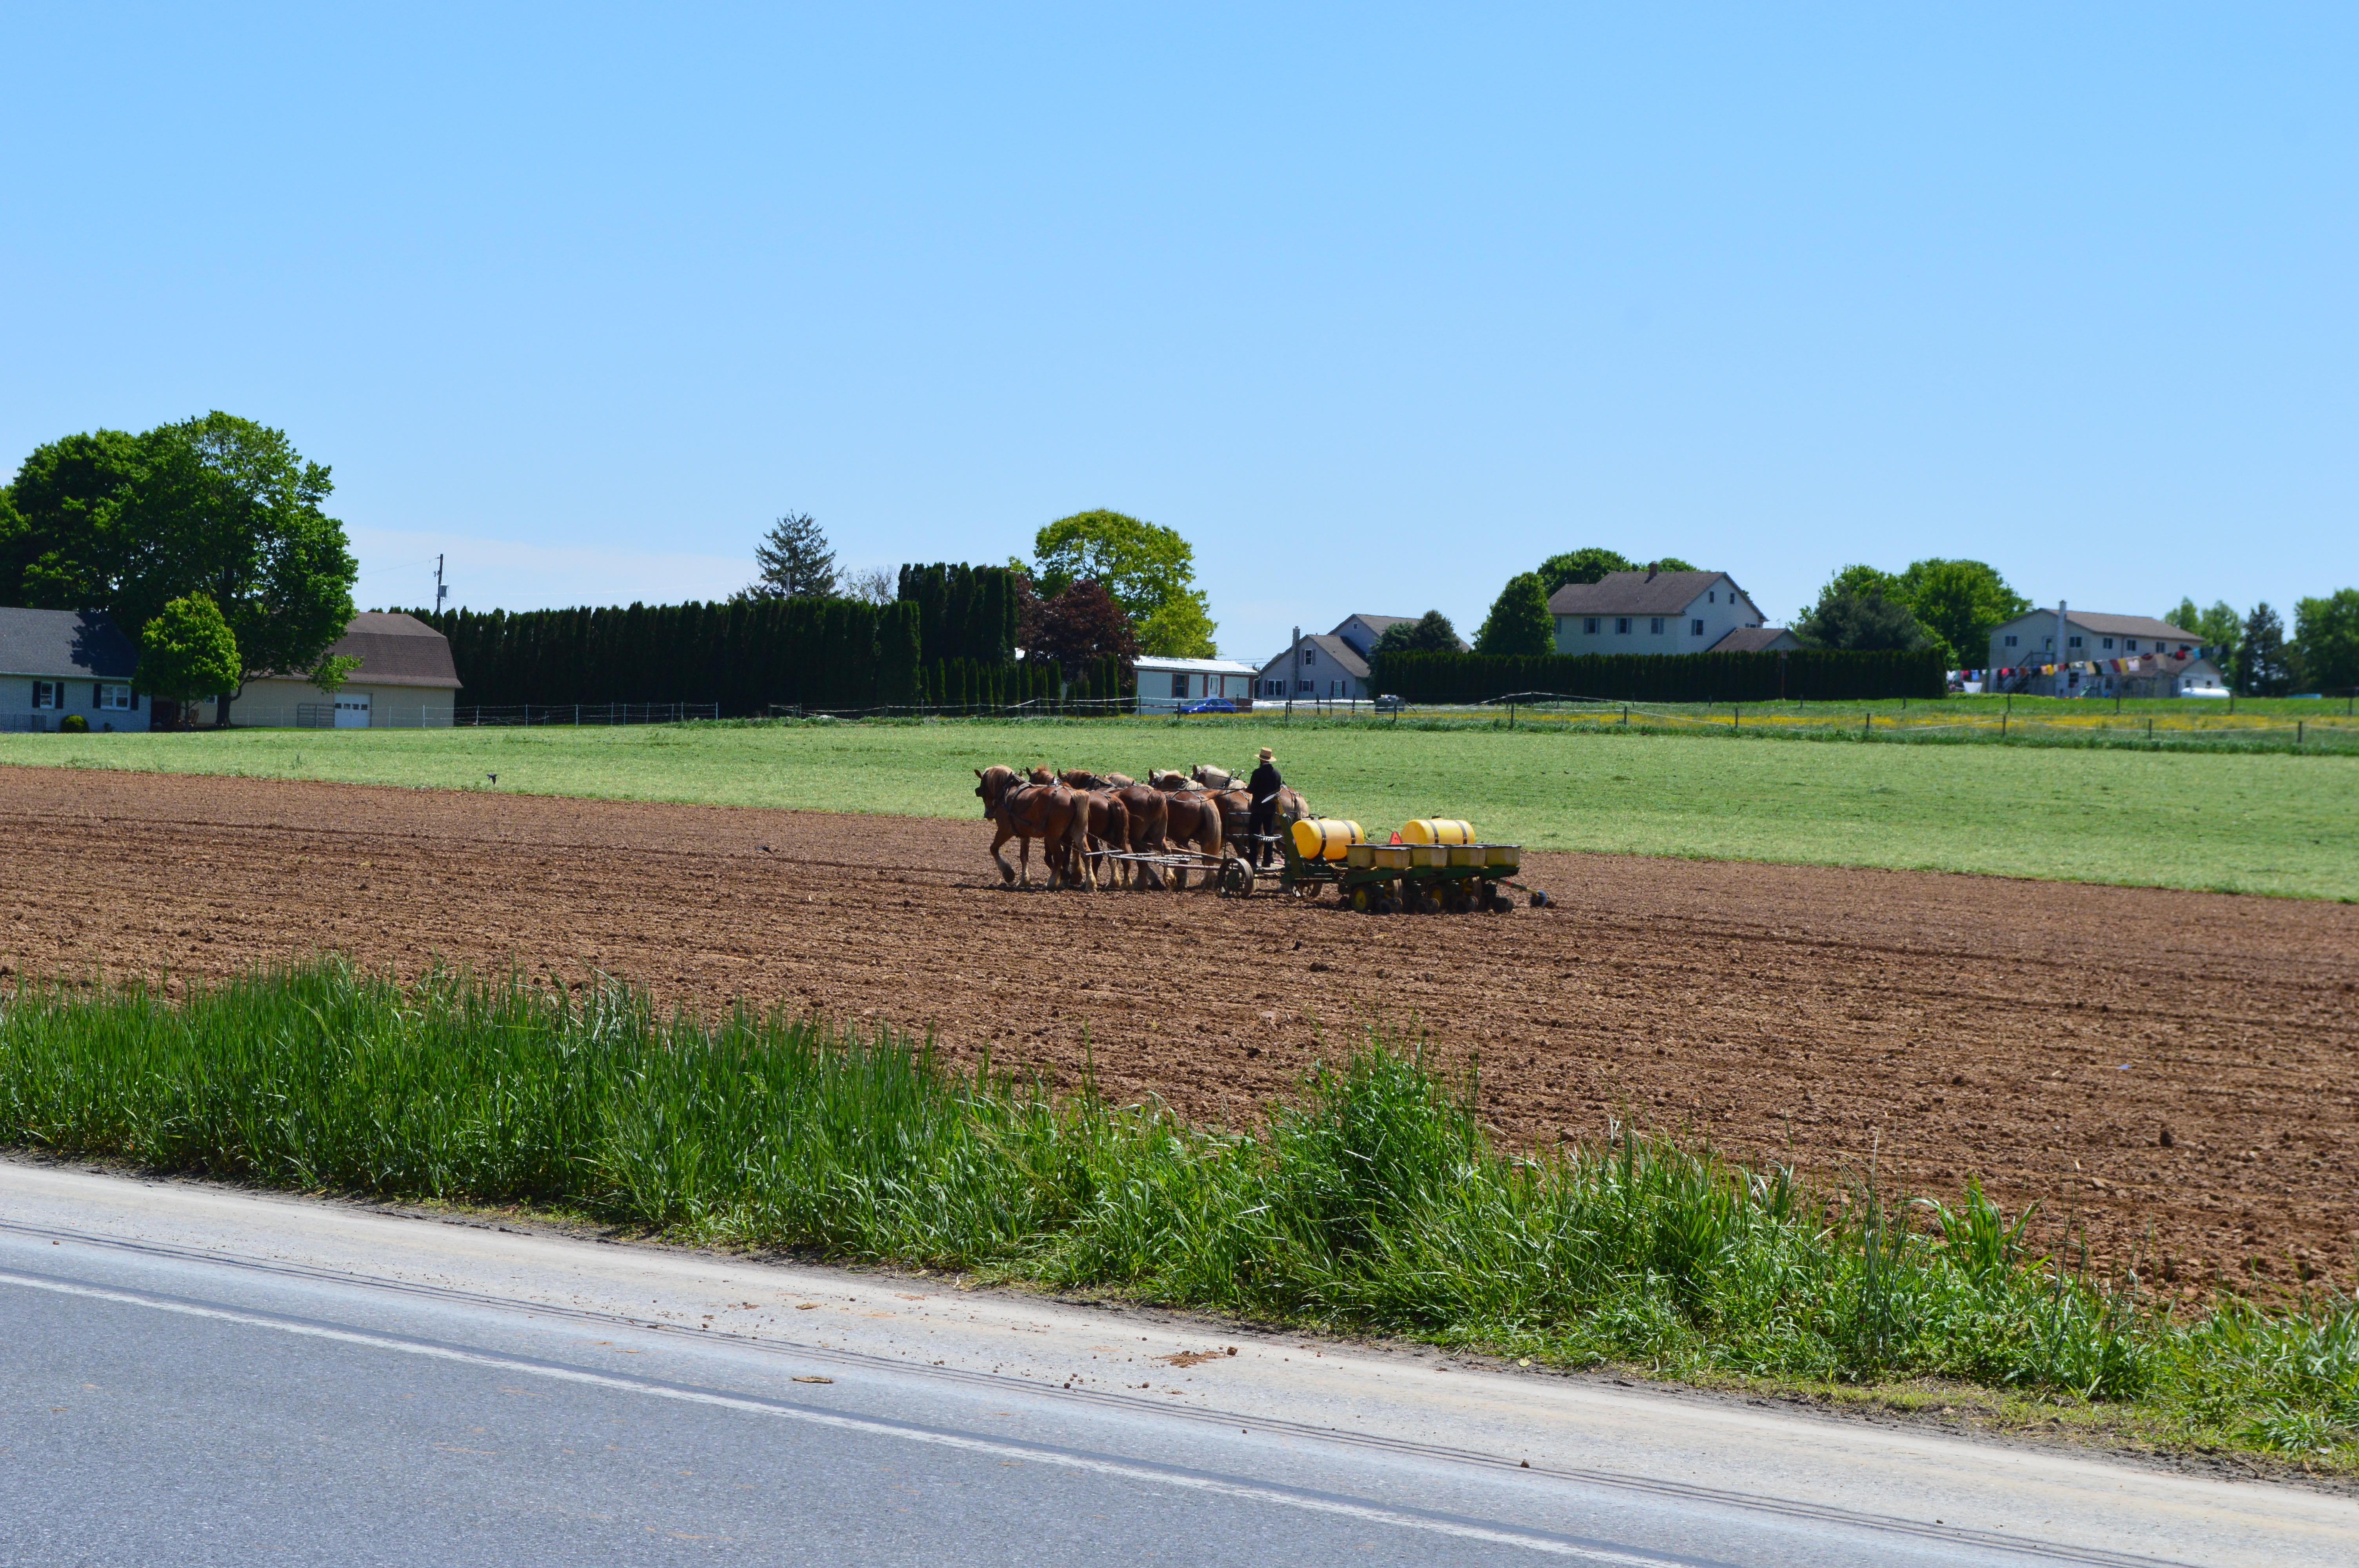 畑と馬車の写真です。